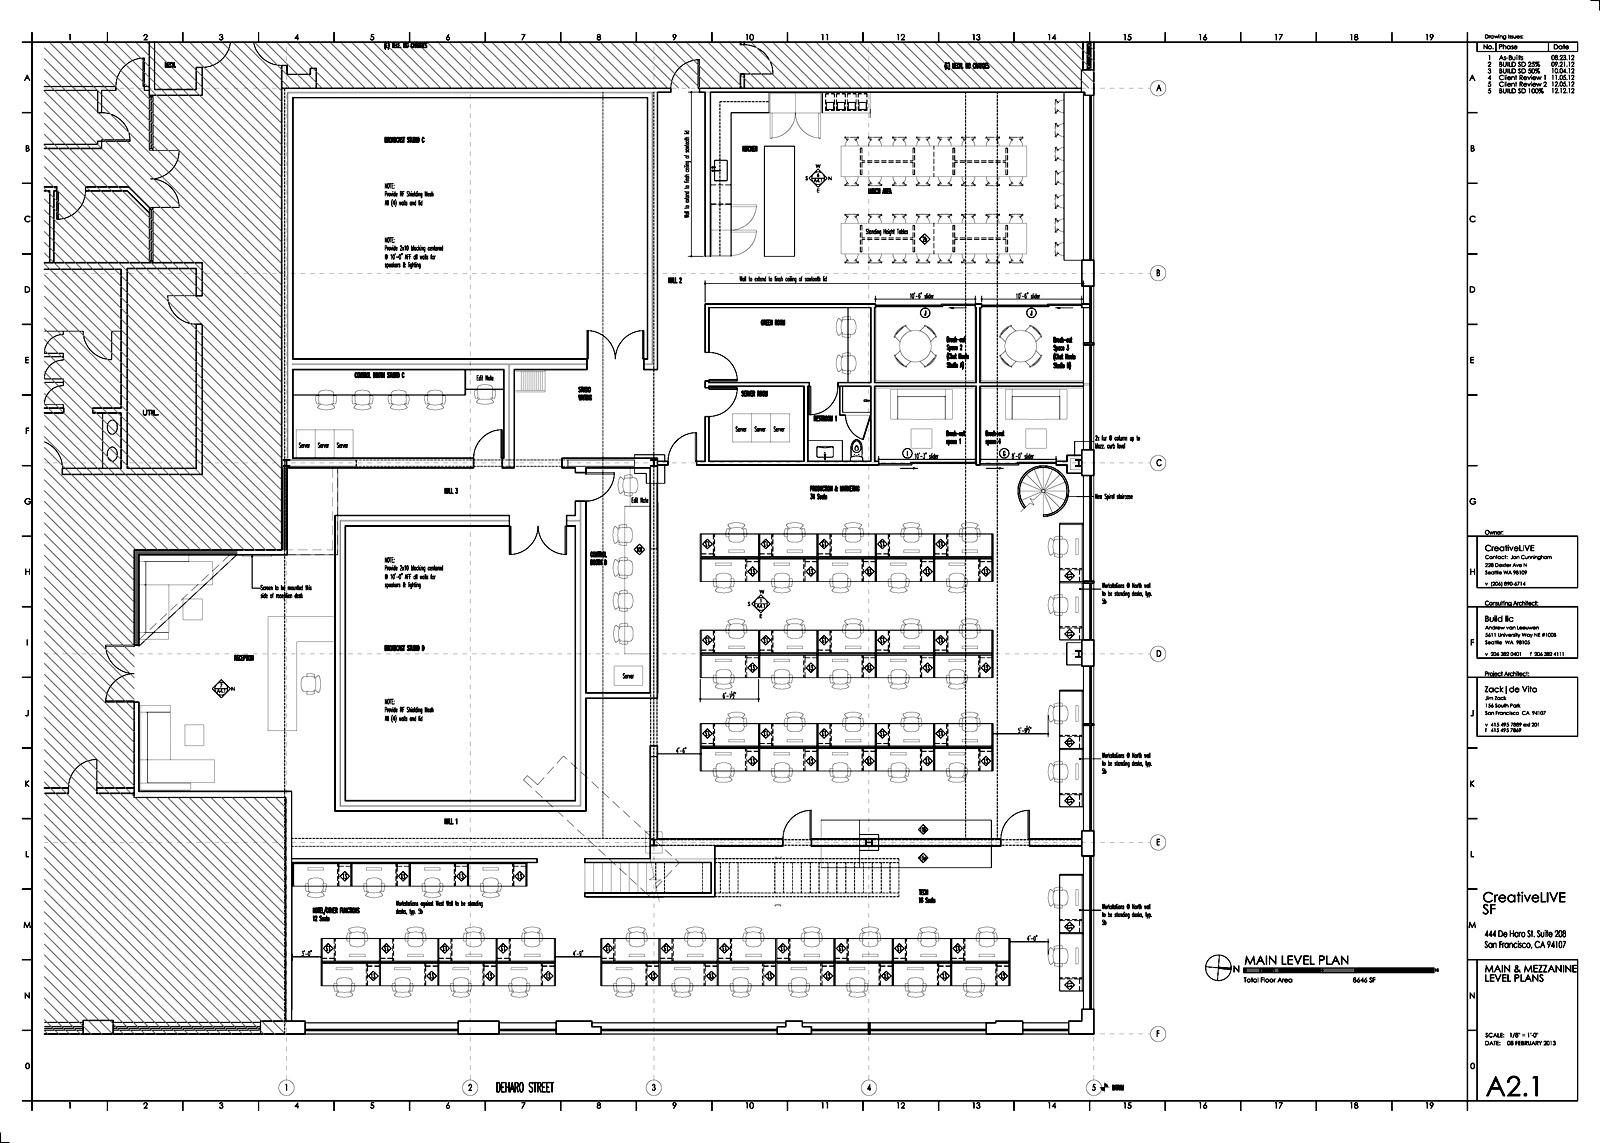 Apartment Building Wiring Diagram